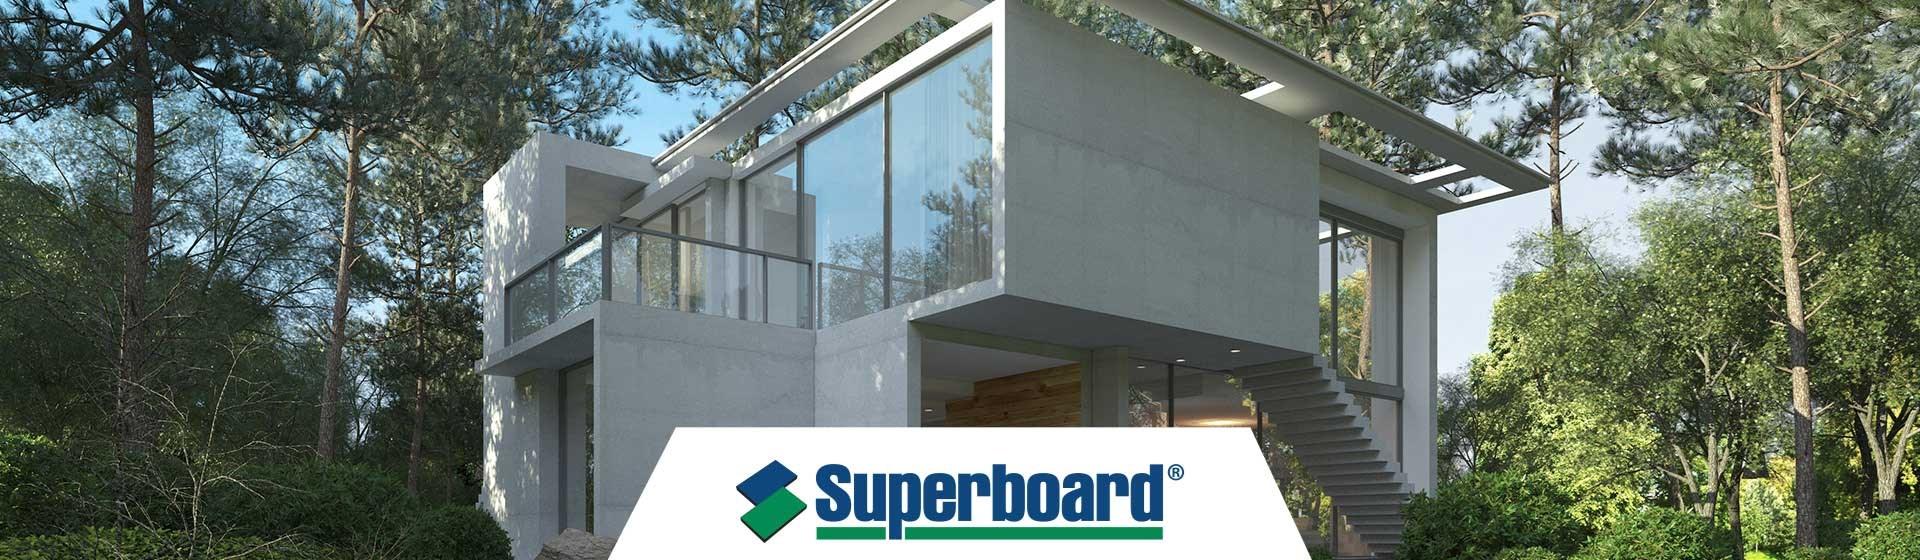 Banner pagina Superboard